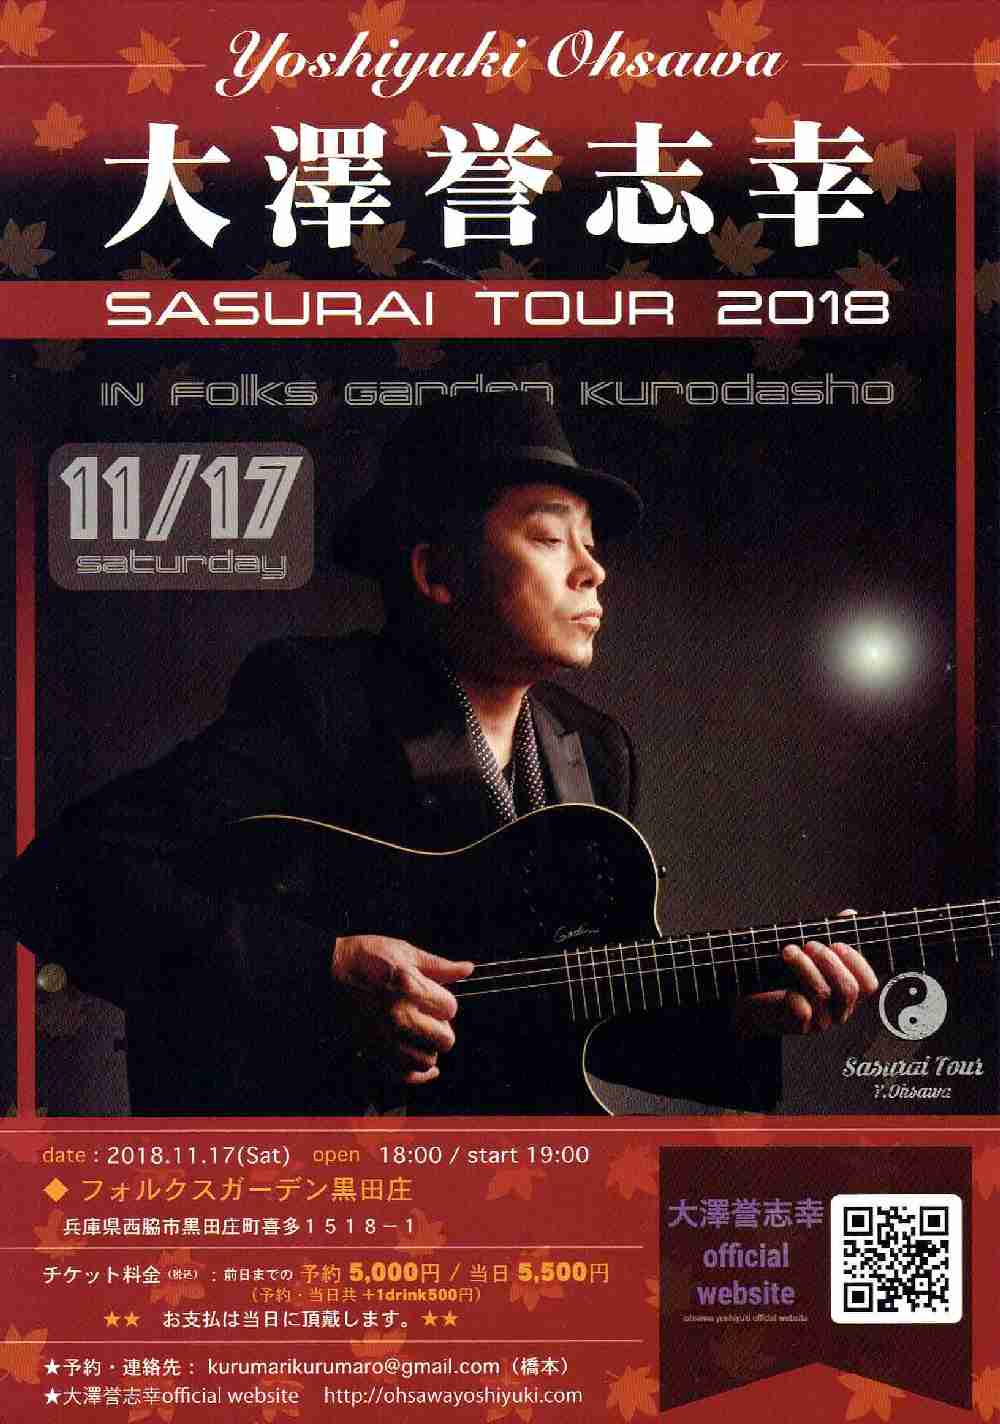 11/17 大澤誉志幸さすらいツアー:フォルクスガーデン